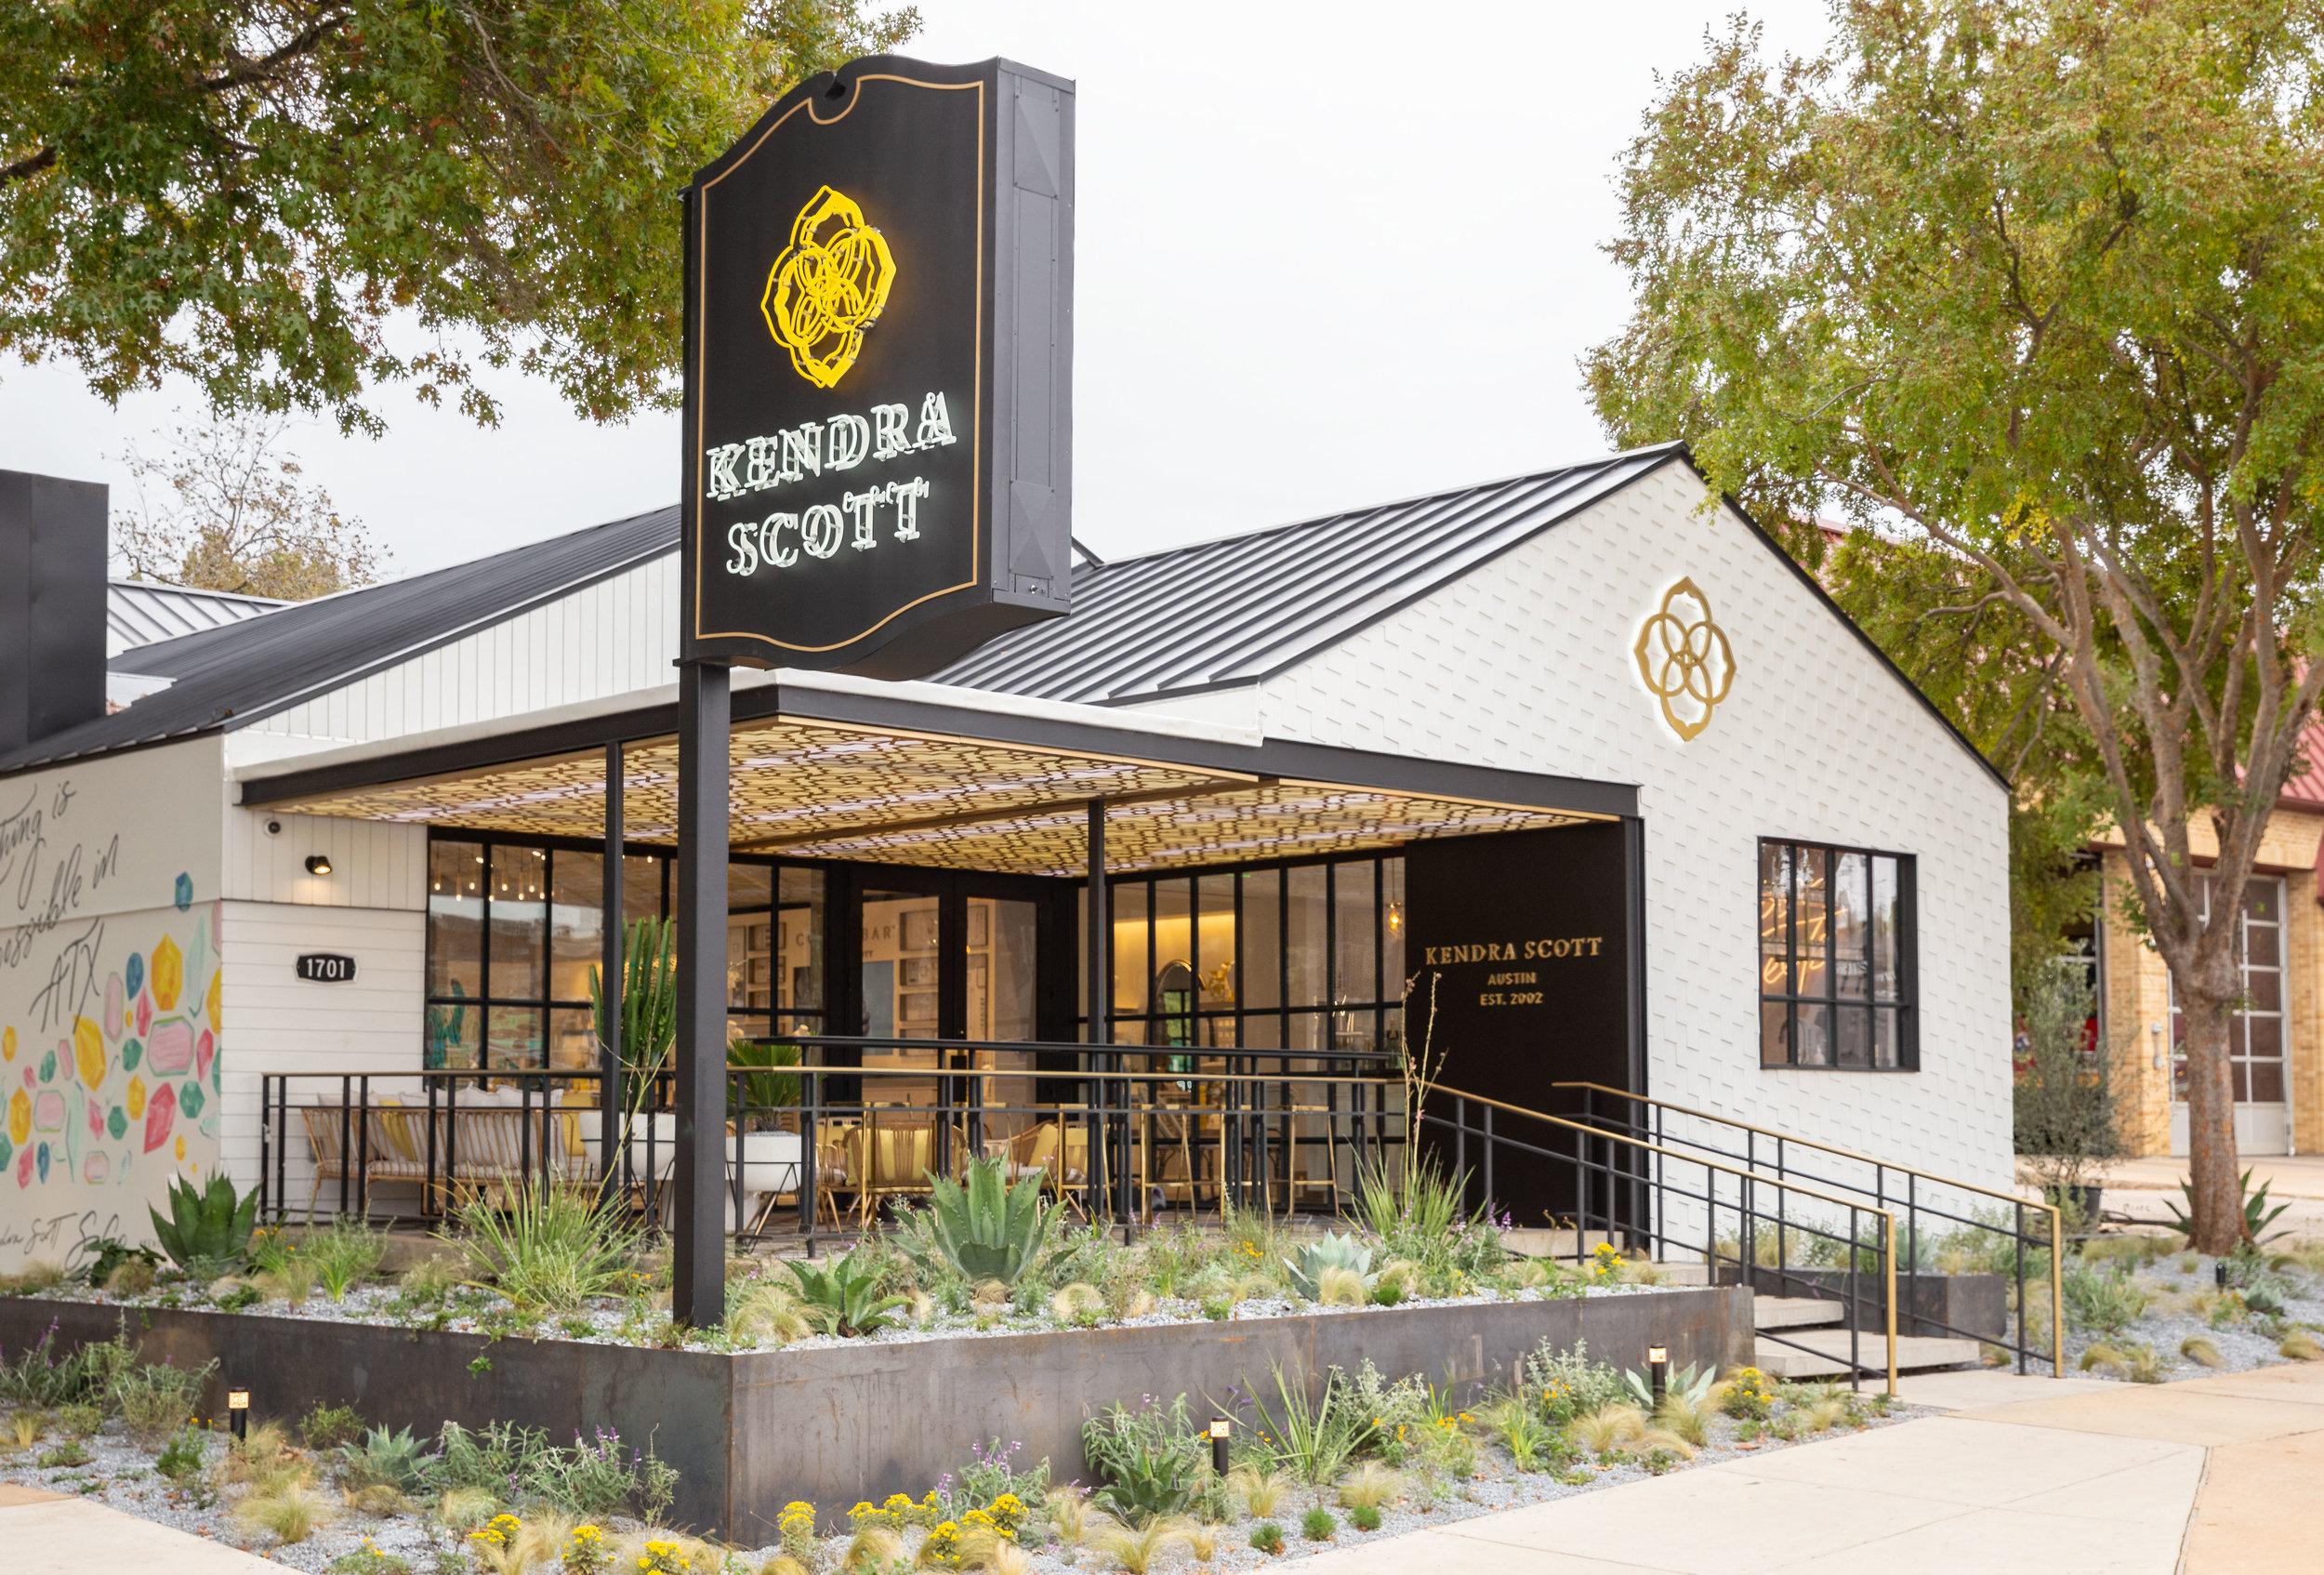 Kendra Scott Austin Store